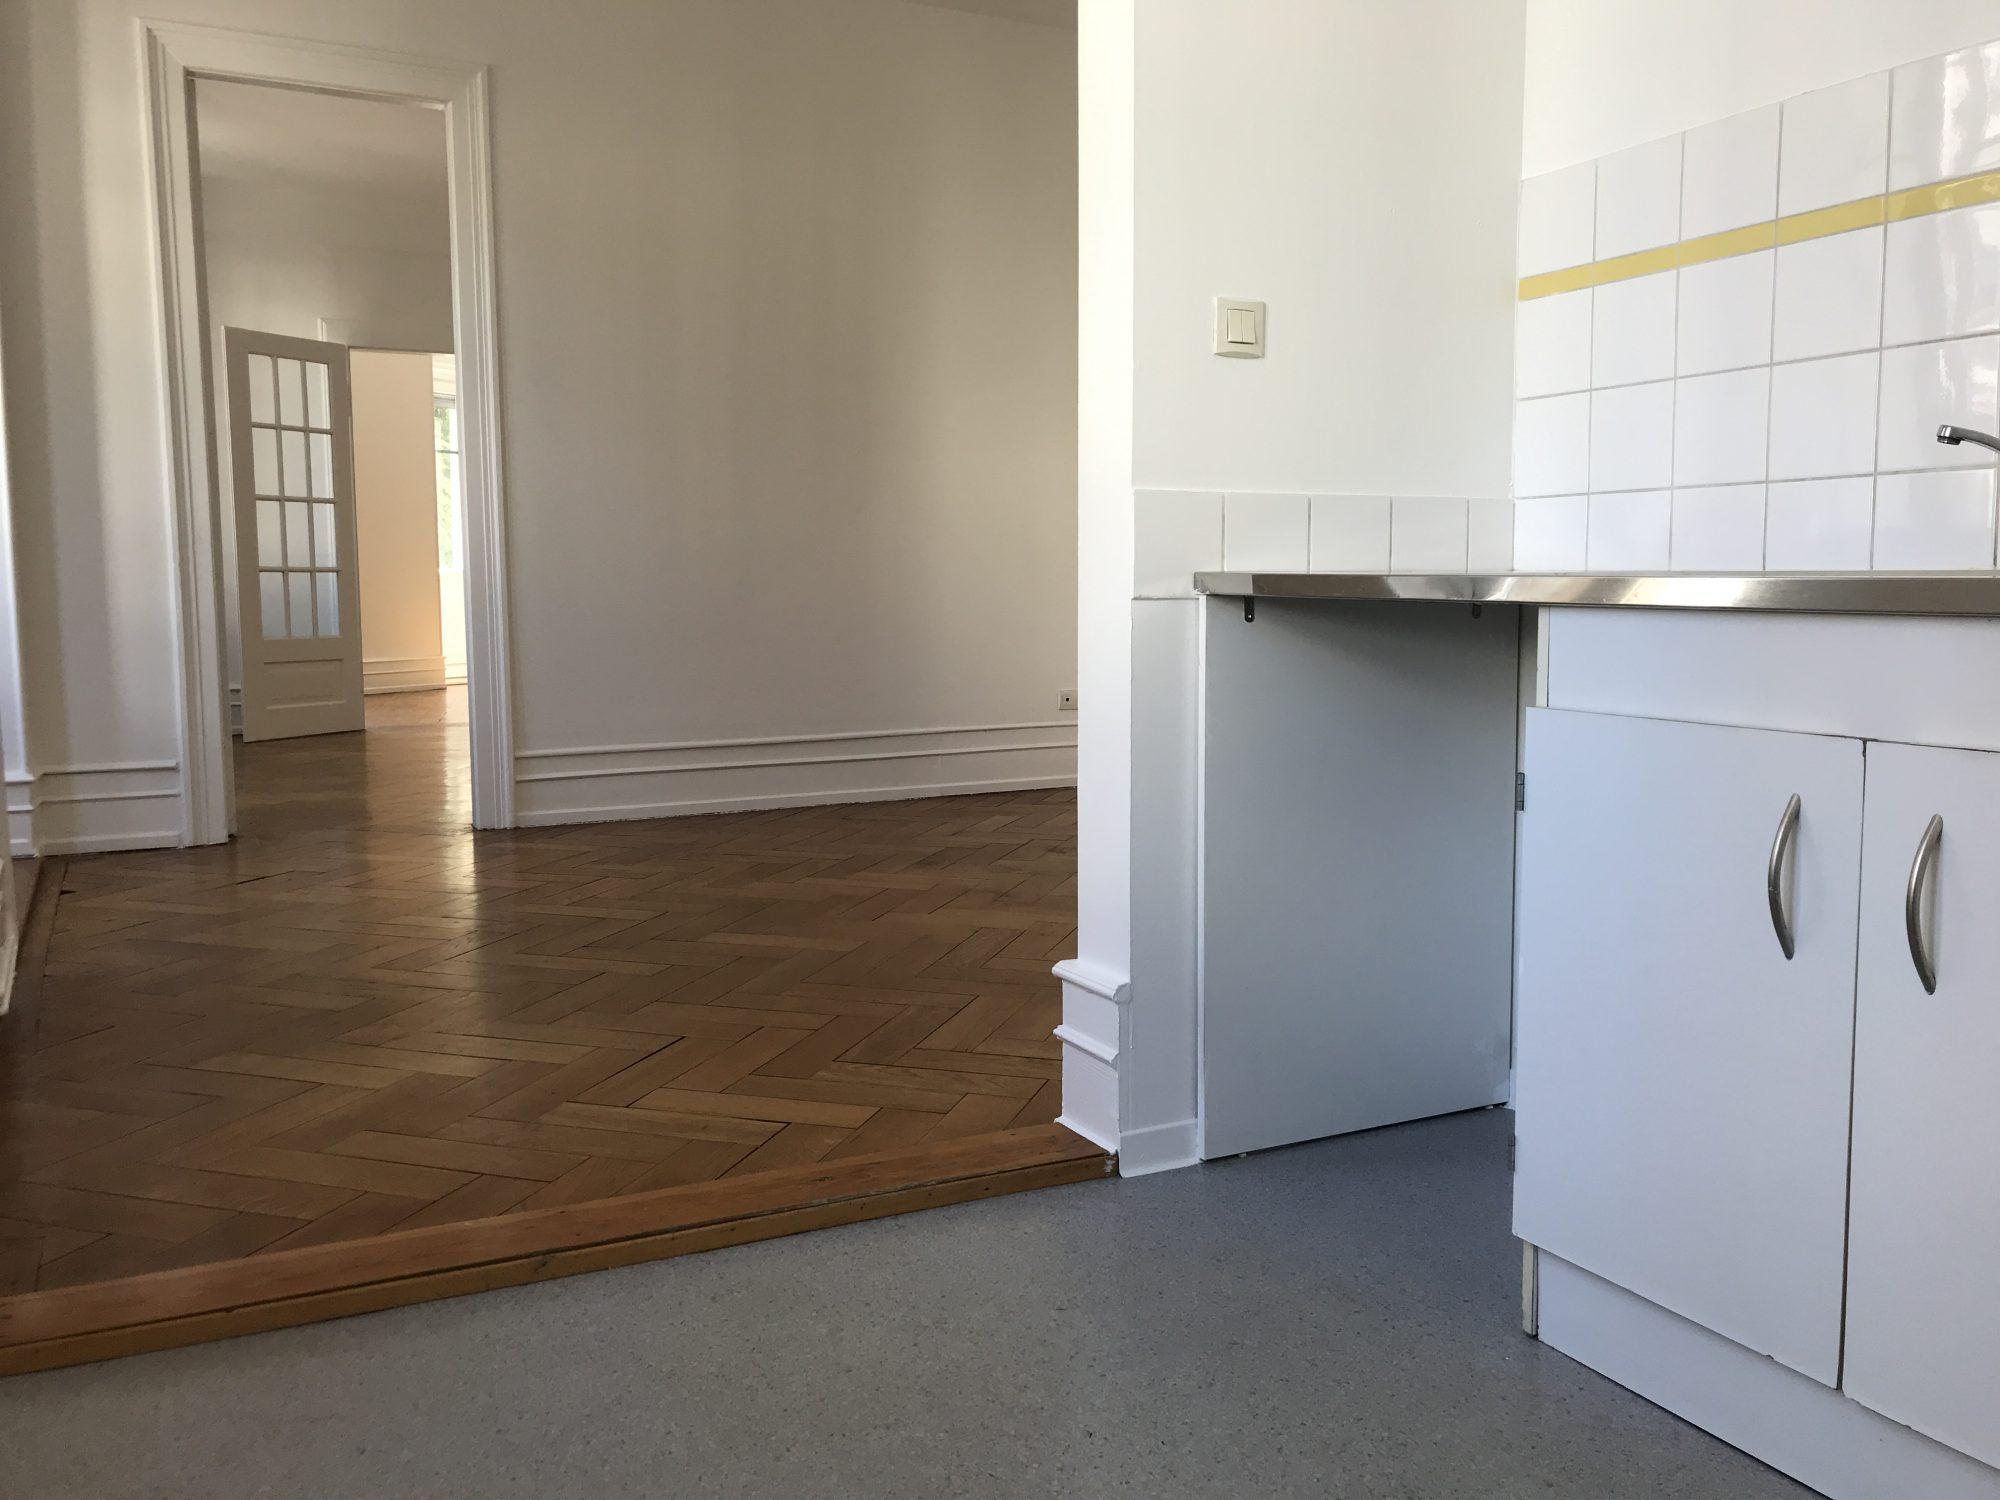 3 pièces musée d'art moderne - Devenez locataire en toute sérénité - Bintz Immobilier - 7